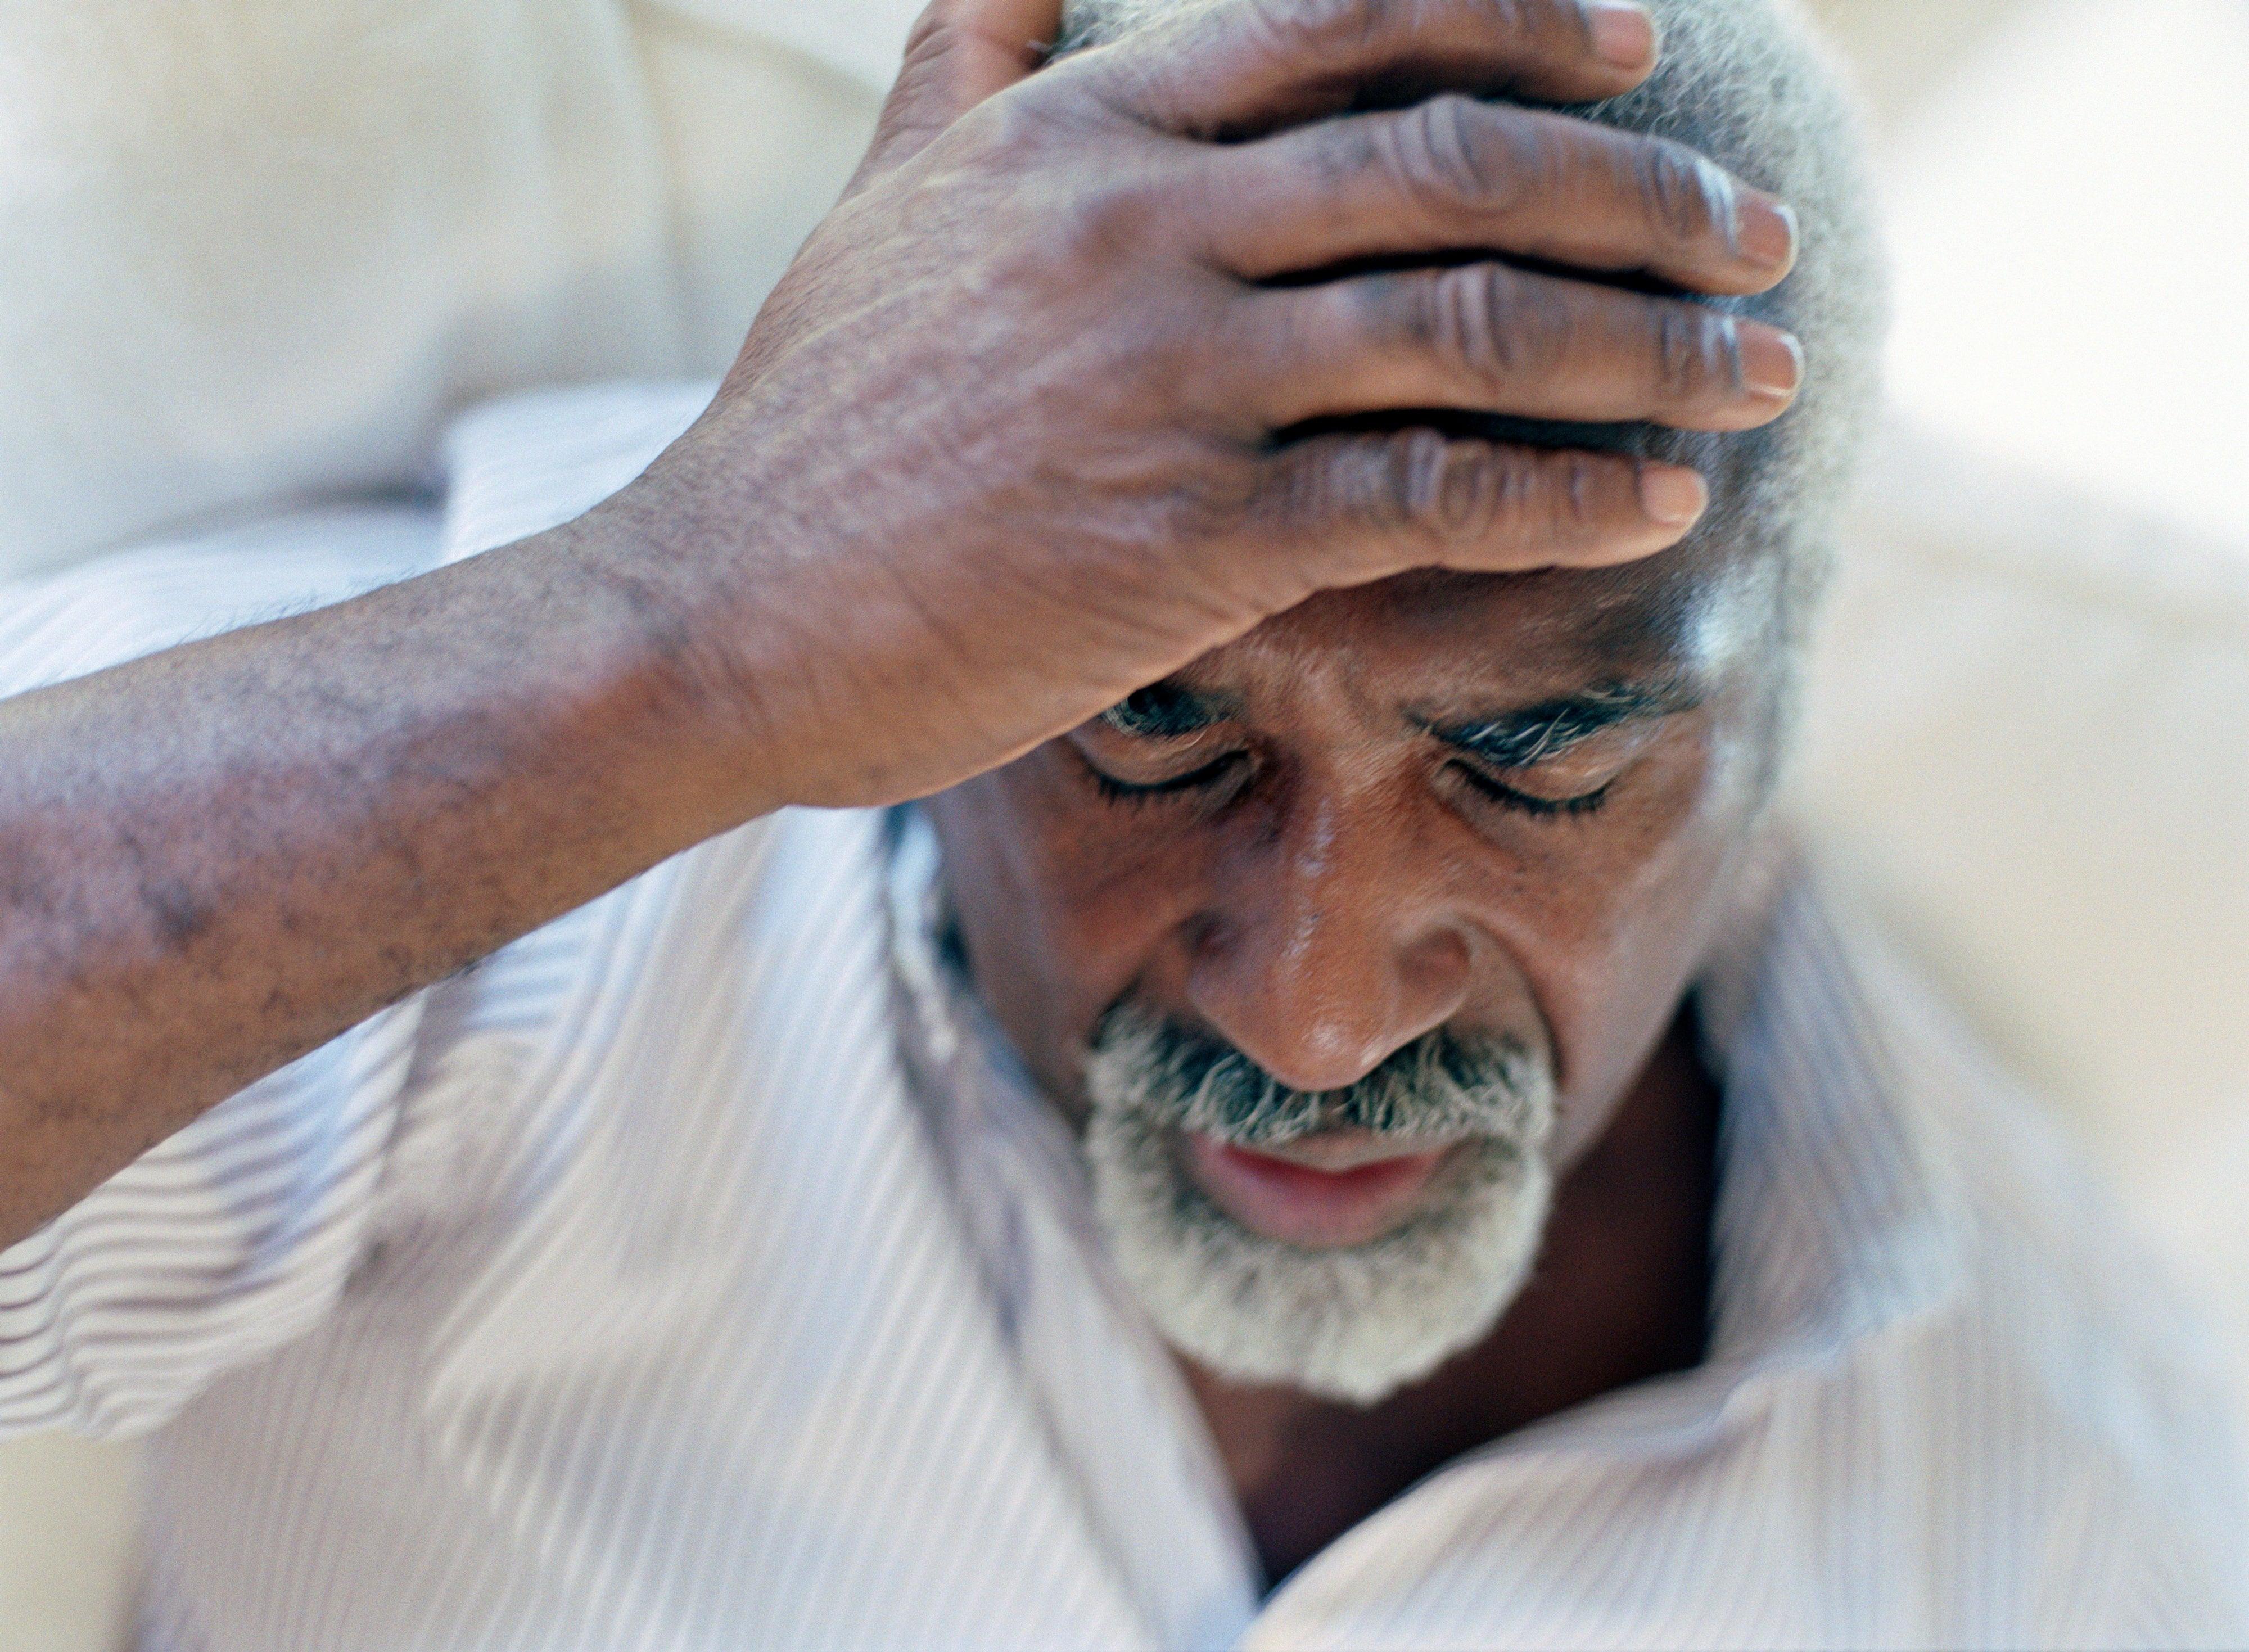 الصداع النصفي قد يؤدي إلى الموت للع لم